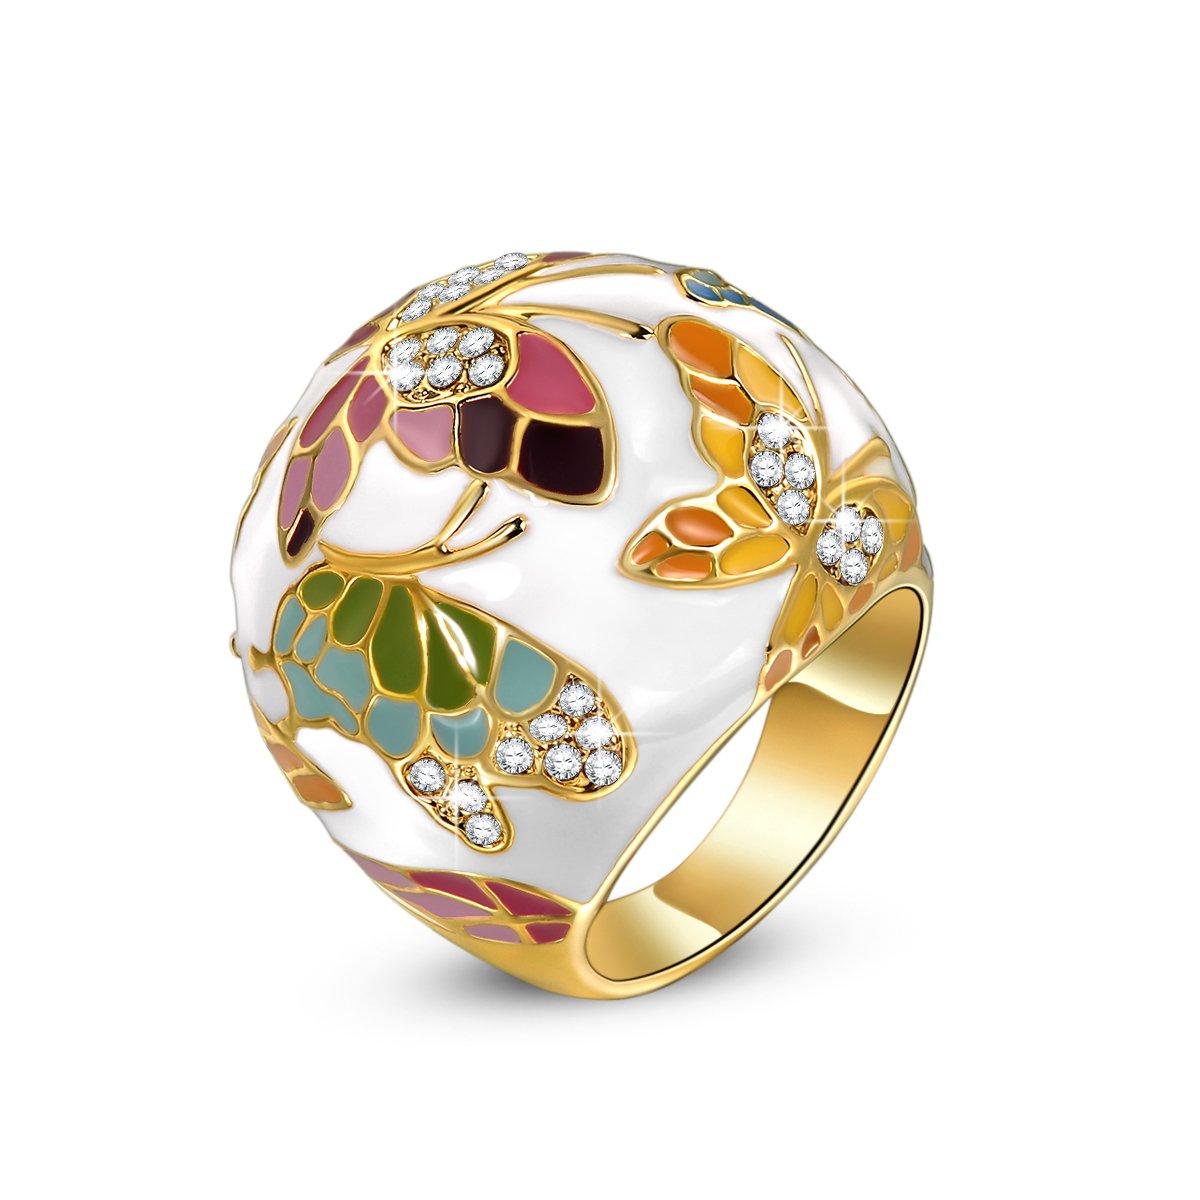 Kami Idea Anillo, Primavera de Versalles, Mariposa Exquisito Esmalte, Embalaje de Regalo, Regalo Mujer Navidad